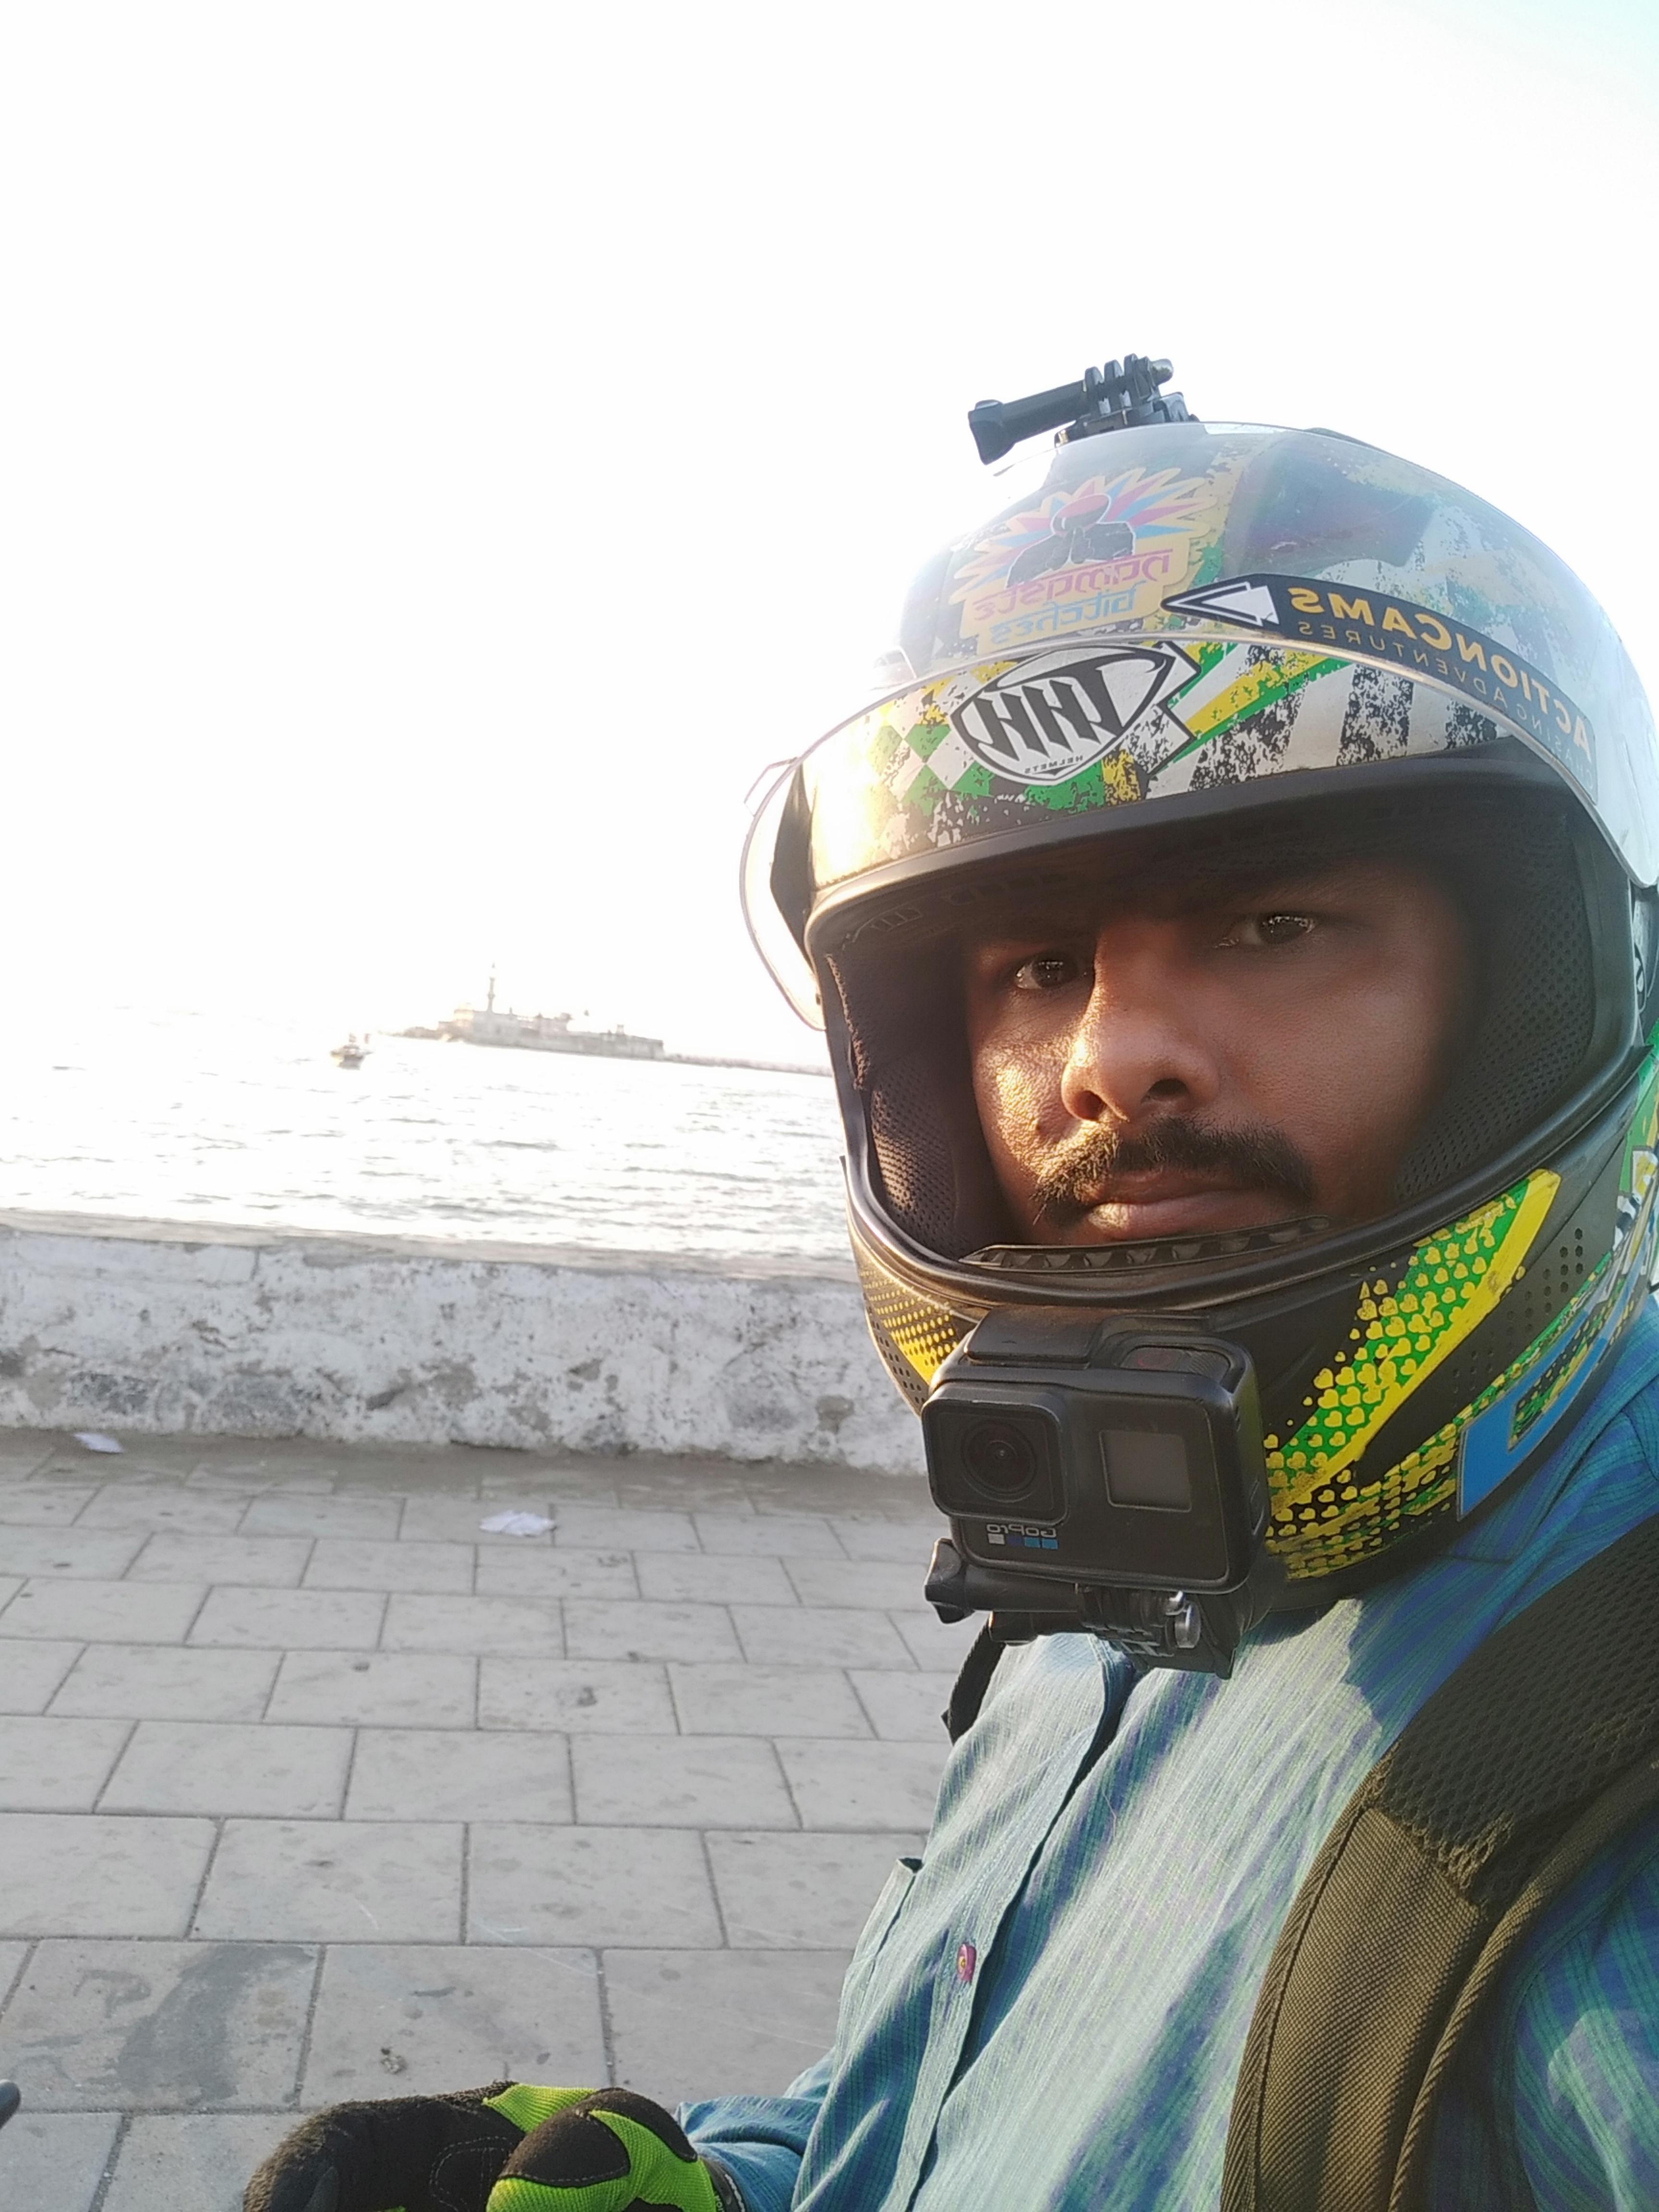 Ride Image by Venom Rider Sidd